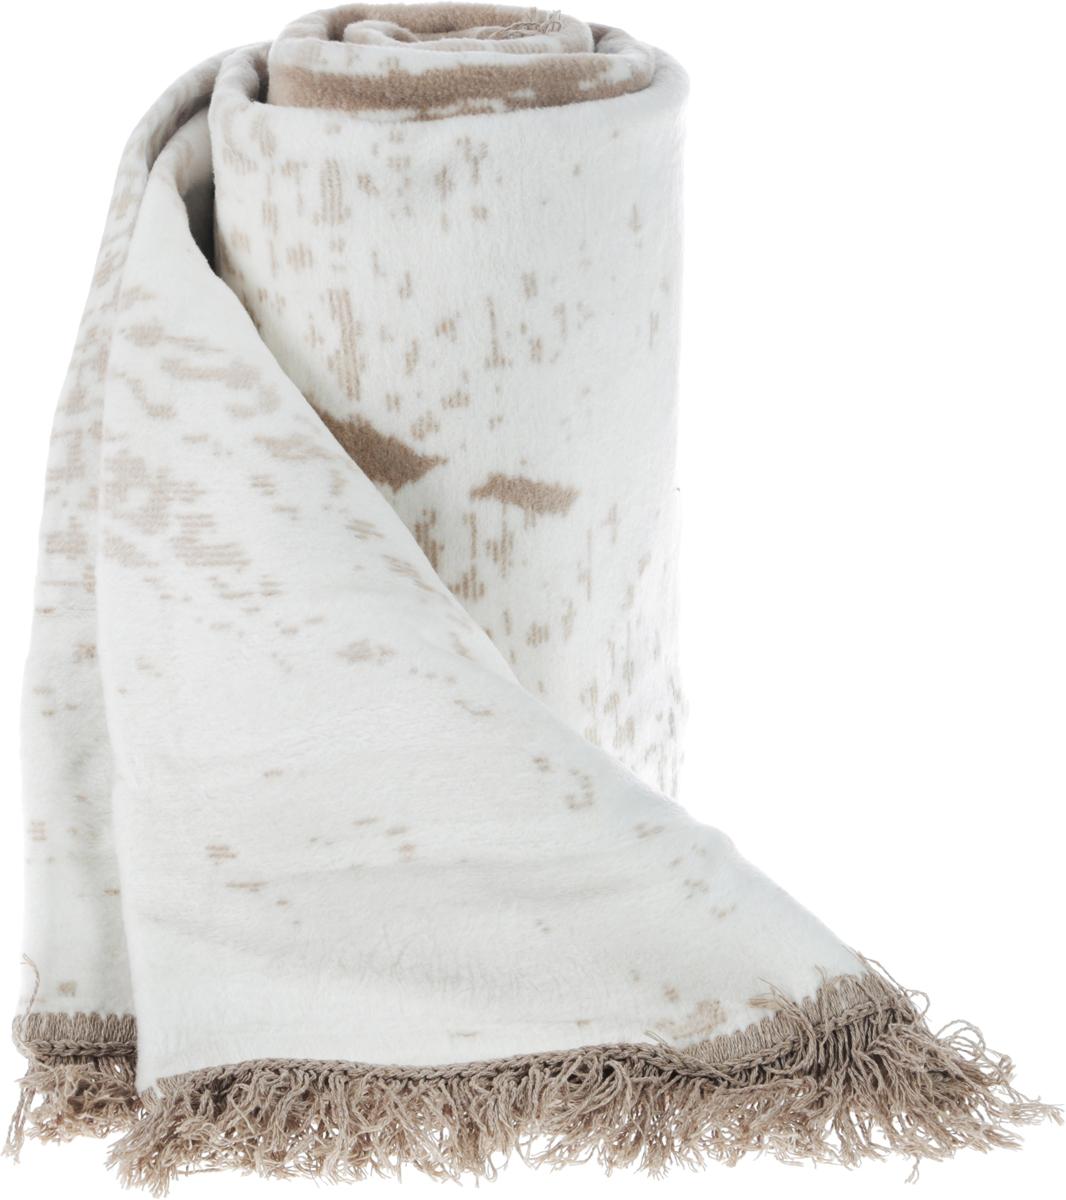 Плед Arya Oreo, цвет: бежево-серый, 150 x 200 смTRK111000017438Плед с орнаментом Arya Oreo, выполненный из хлопковой байки (хлопок с добавлением акрила и полиэстера), порадует вас легкостью, нежностью и оригинальным дизайном.Байка - мягкая ткань с густым начёсом с двух сторон. Традиционно из хлопковой байки делают детские одеяла, которые можно стирать и гладить при высокой температуре. После первой стирки ворс на байке немного оседает, зато после этого одеяло долгие годы будет сохранять внешний вид и мягкость. Под байковым одеялом невозможно вспотеть, оно отлично впитывает и отводит влагу, поэтому такие одеяла используют для детей с самого рождения.Плед - это такой подарок, который будет всегда актуален, особенно для ваших родных и близких, ведь вы дарите им частичку своего тепла.